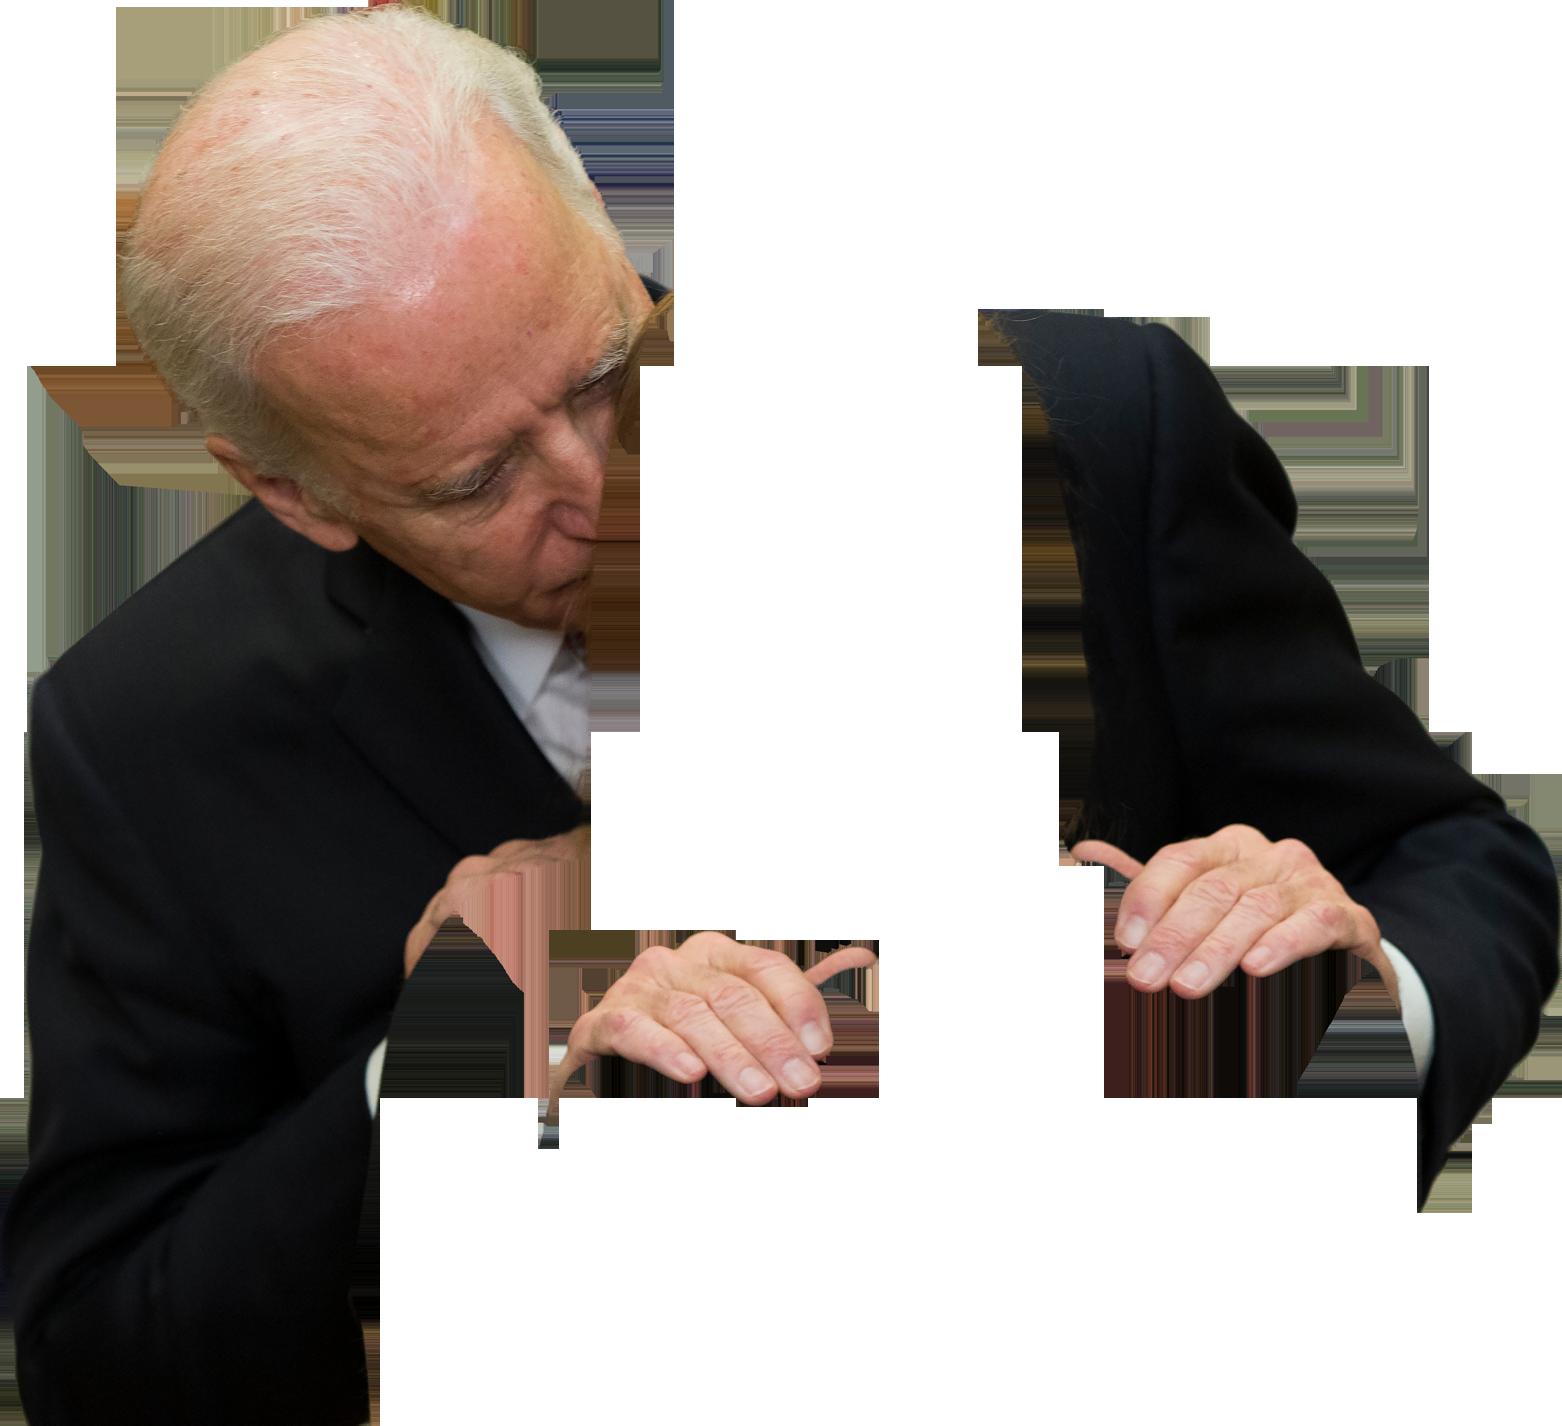 Download Personthe Joe Biden - Creepy Joe Biden ...